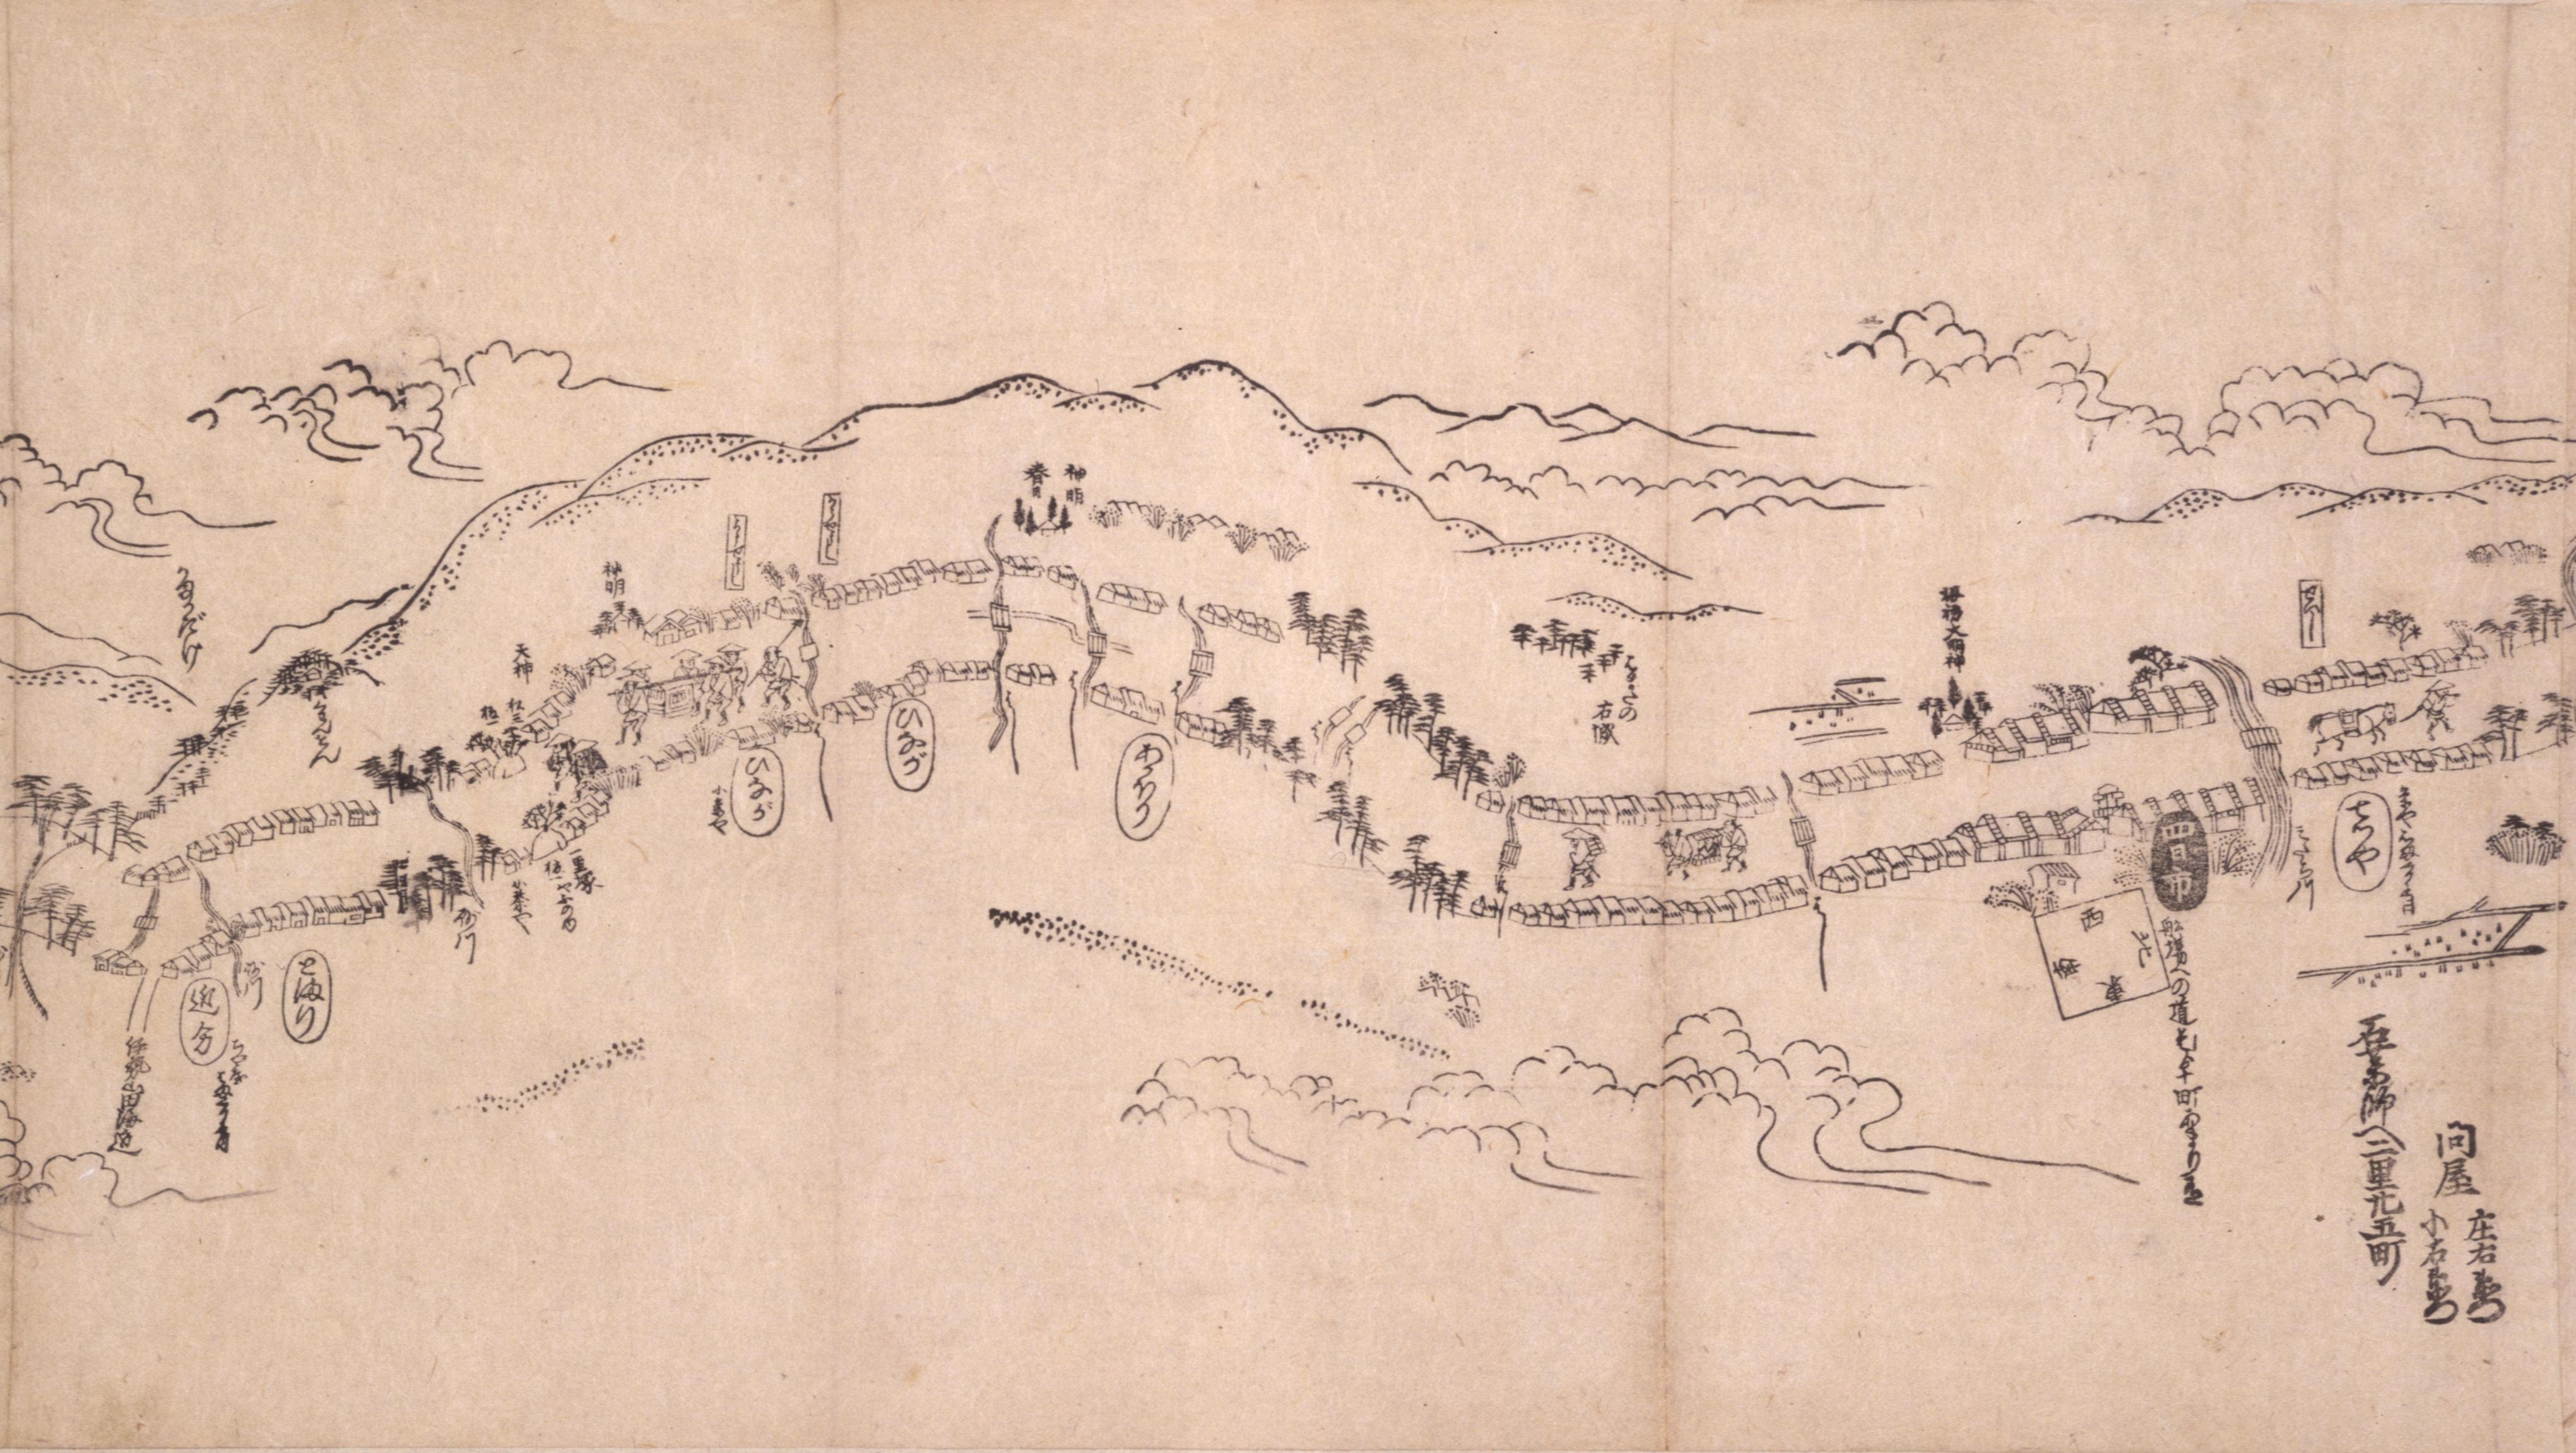 東海道分間之図 六十四